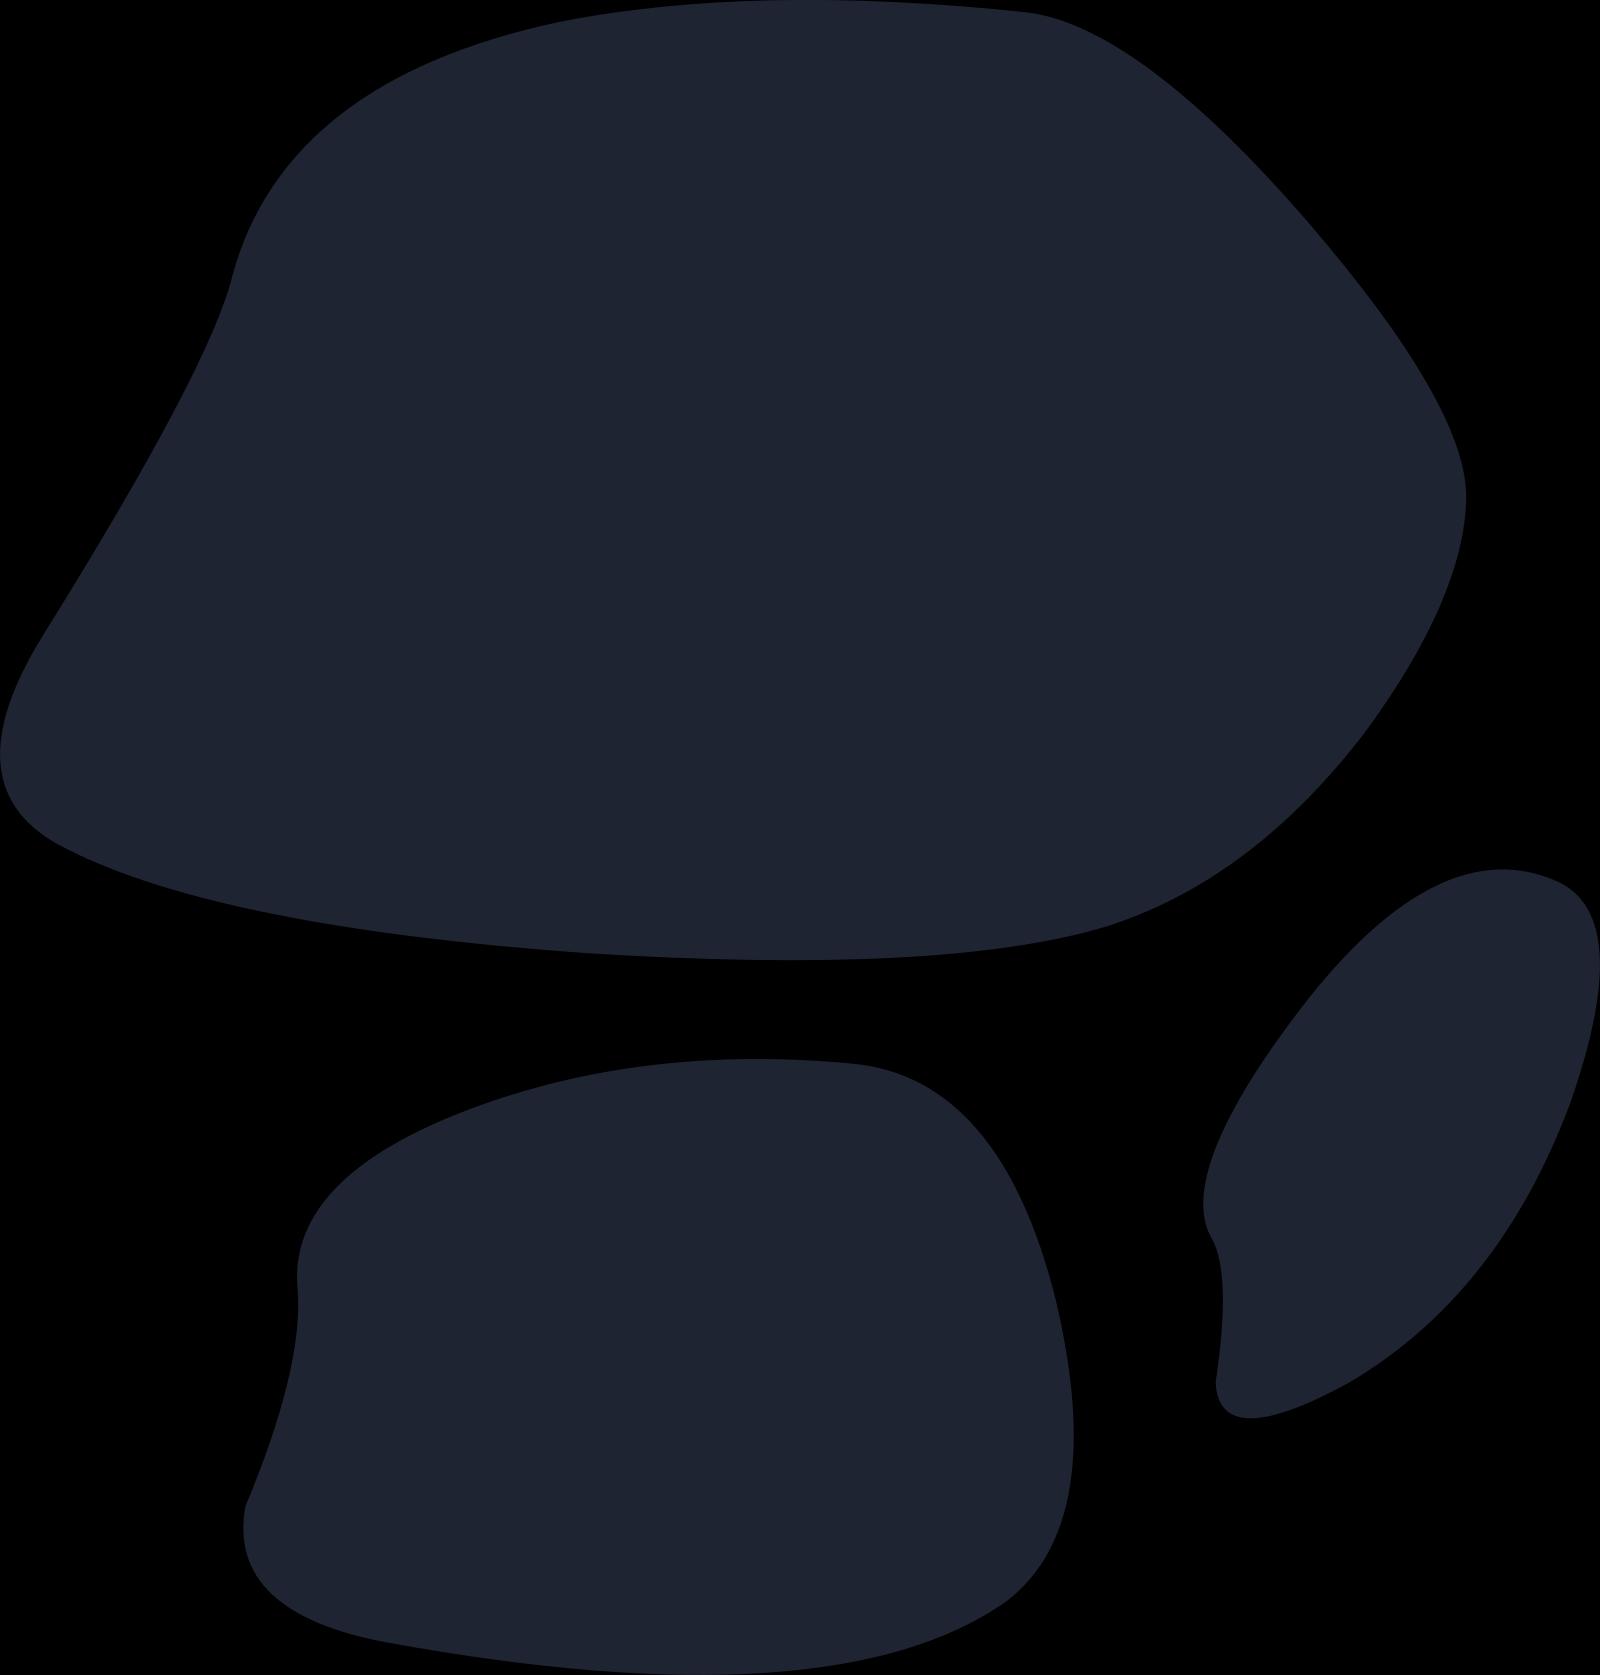 Stone SVG Clip arts